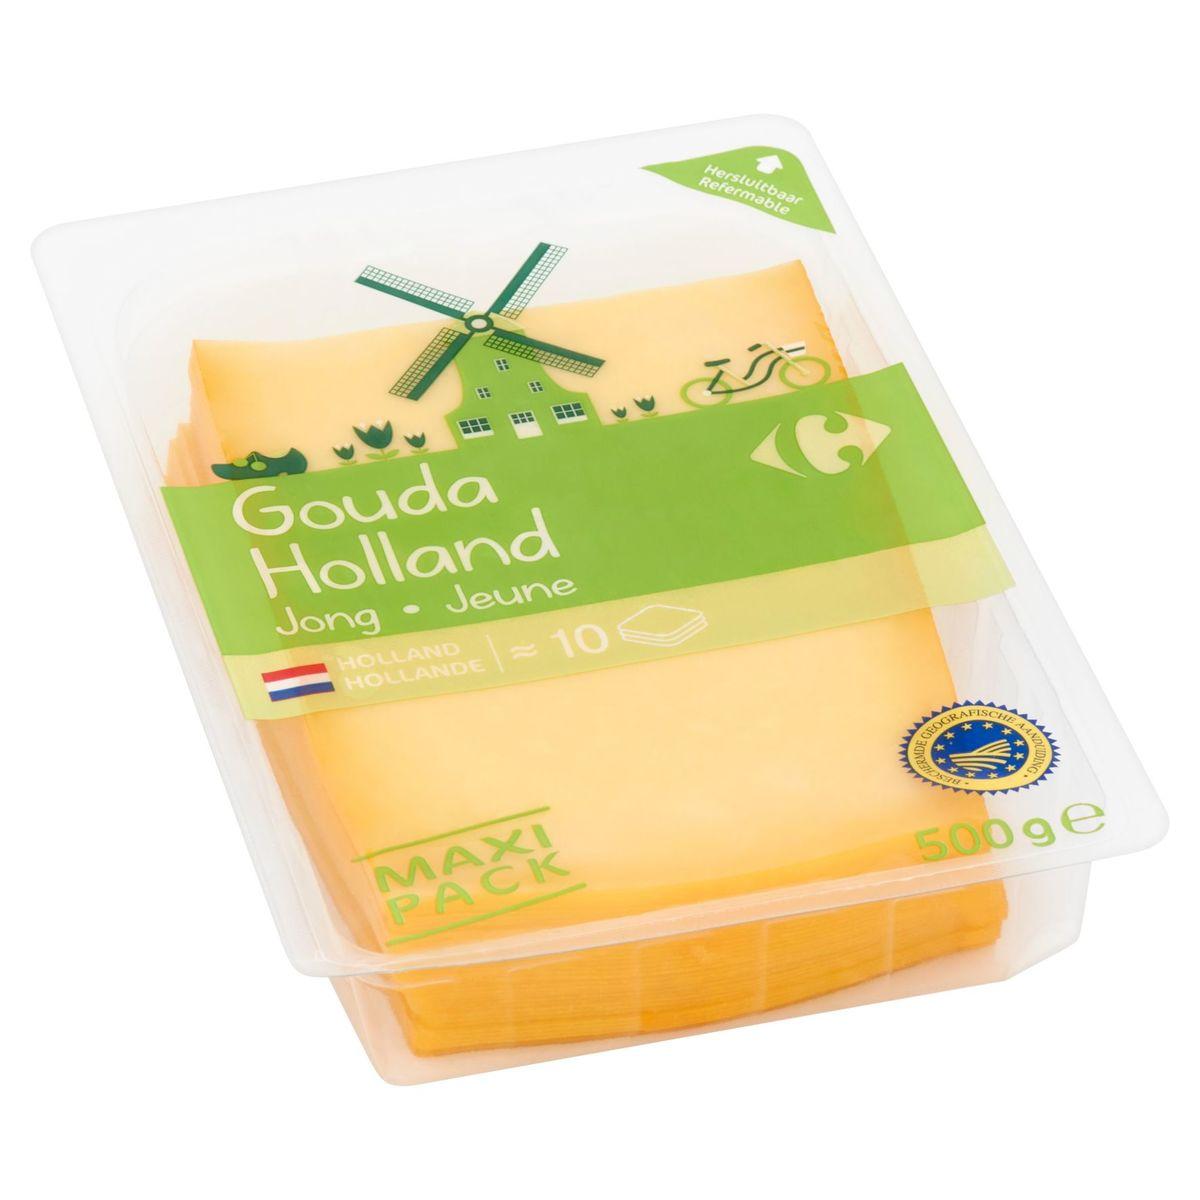 Carrefour Gouda Holland Jeune Maxi Pack 500 g